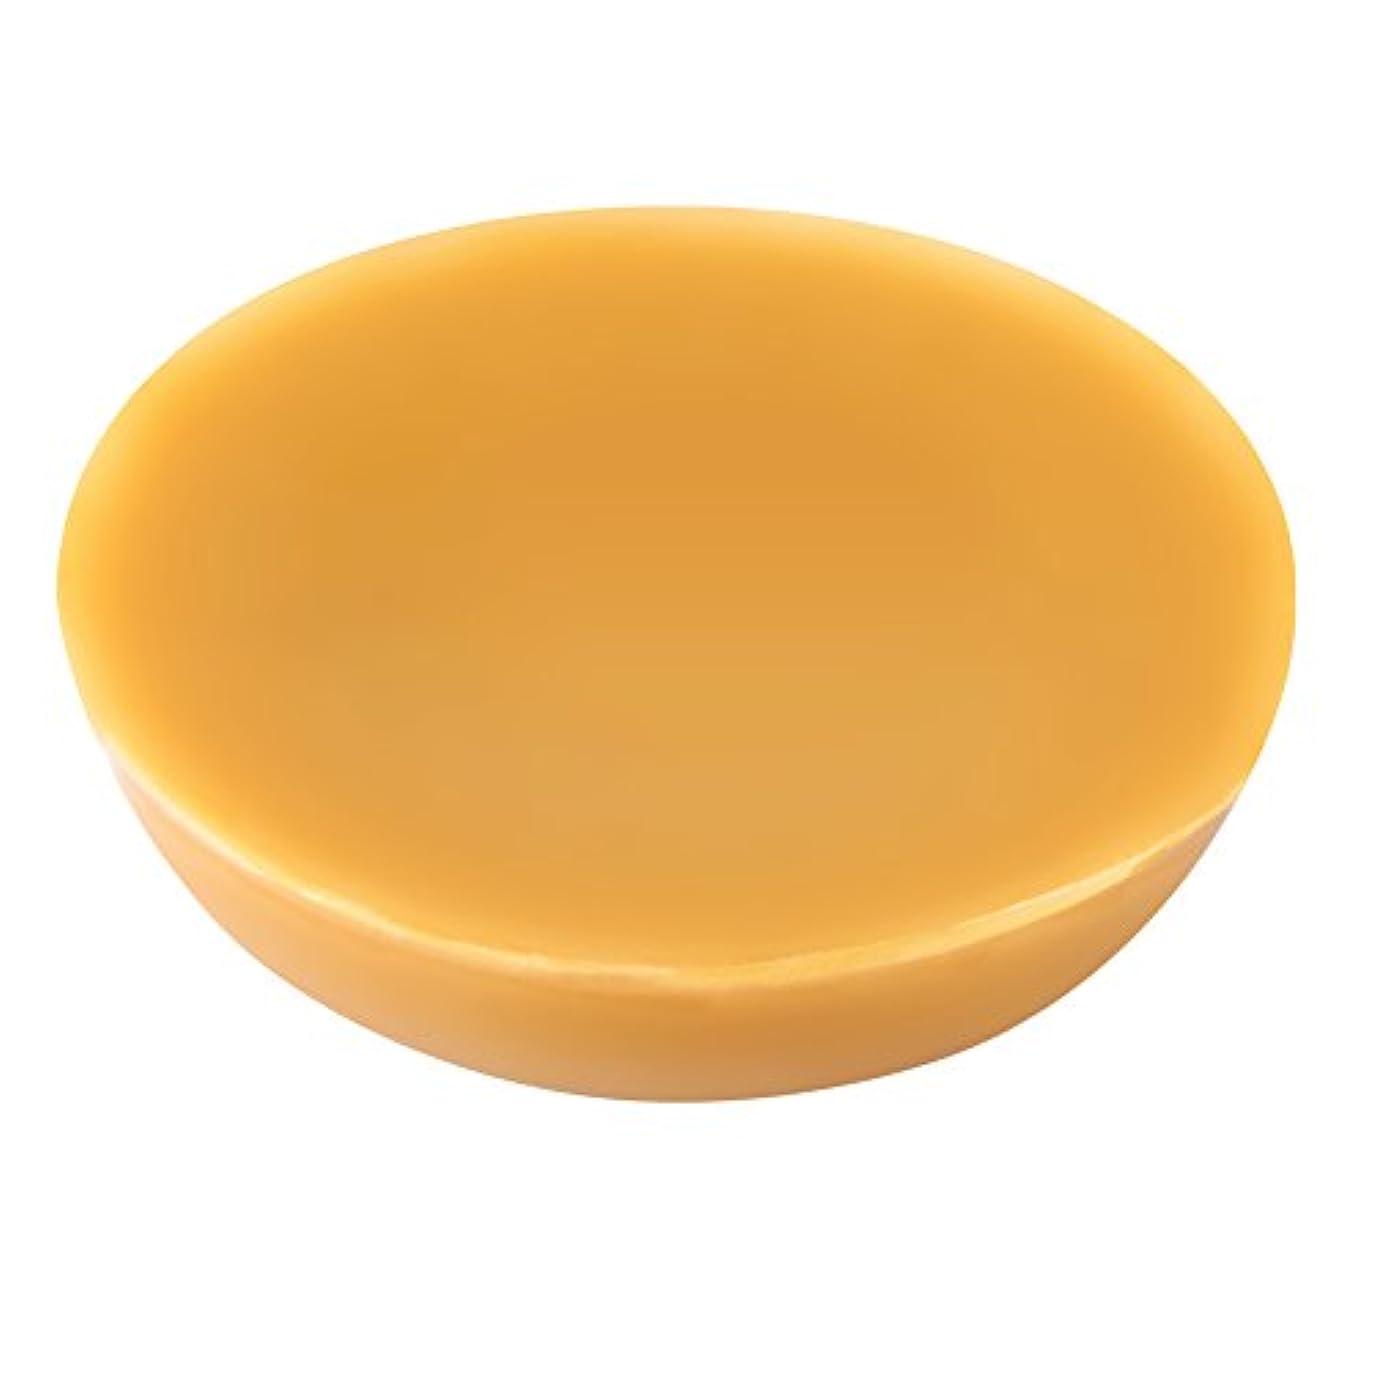 補助金年金受給者取り扱い自然な蜜蝋、石鹸の化粧品の口紅のための食品等級の自然で純粋な蜂のワックス